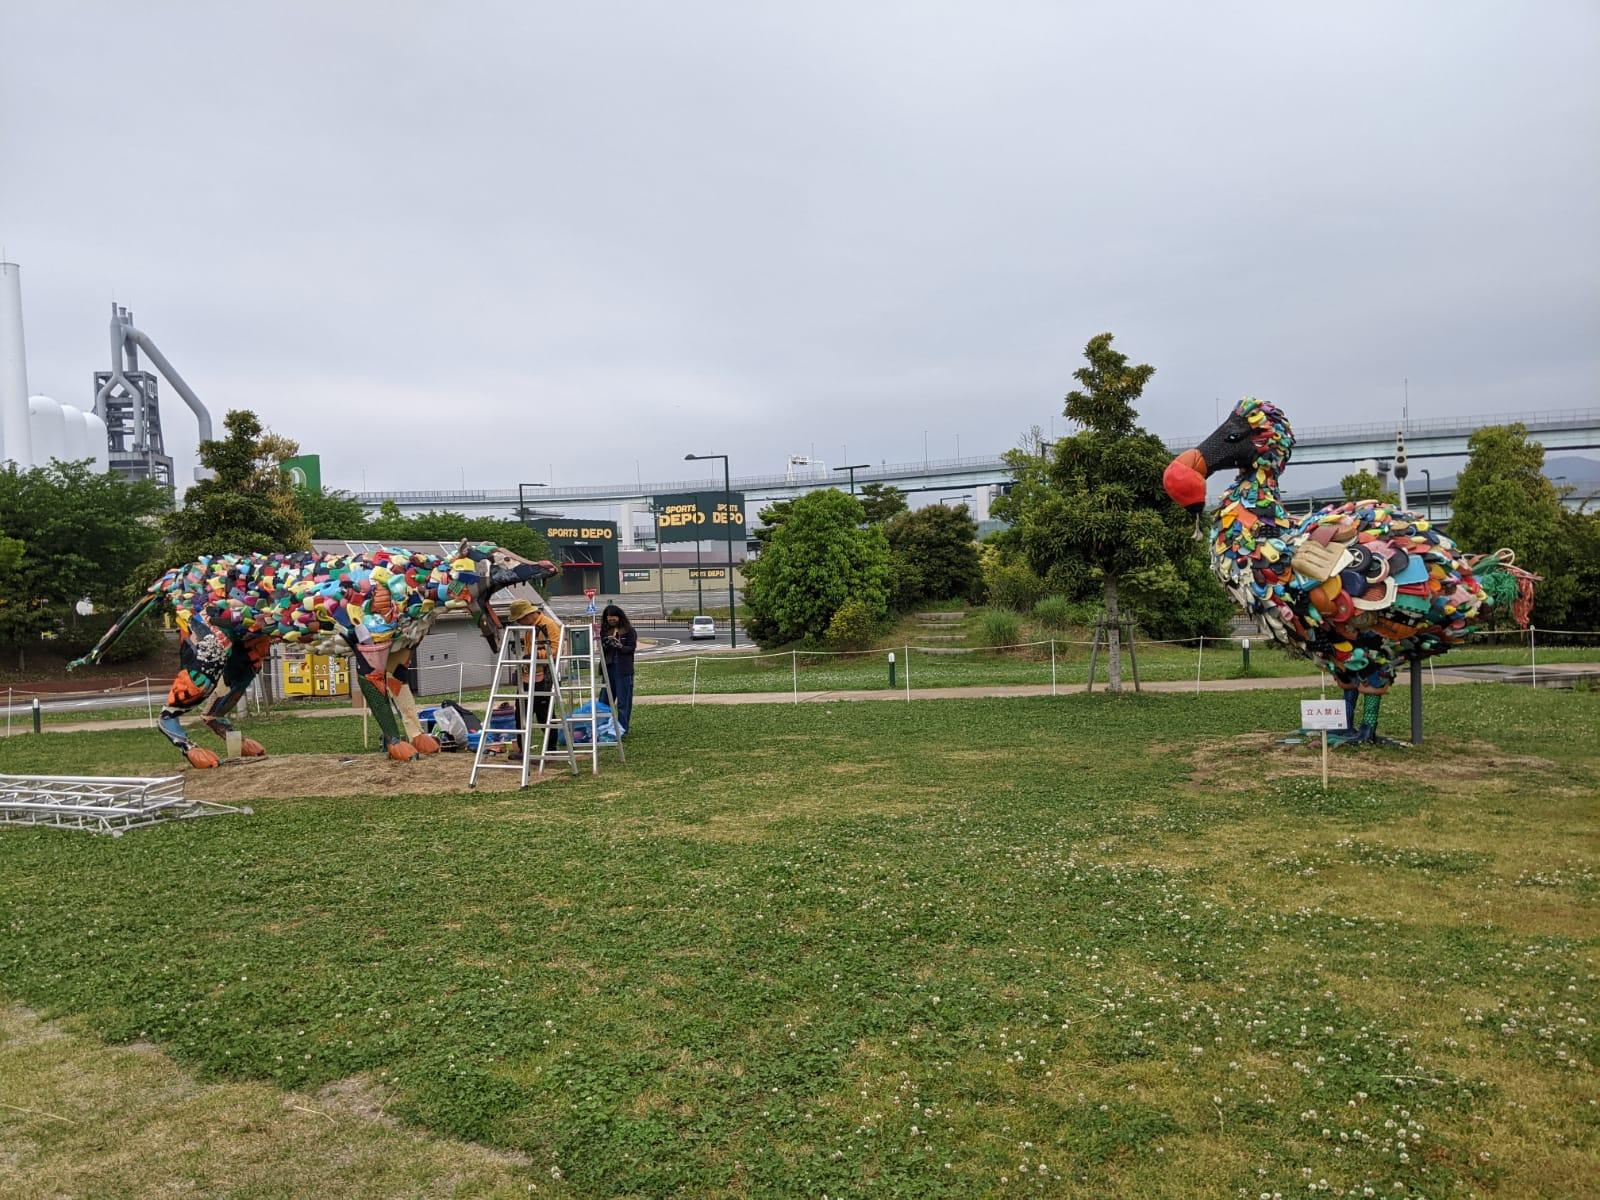 淀川テクニック、最新のパブリックアート作品が完成!『北九州未来創造芸術祭 Art for SDGs』